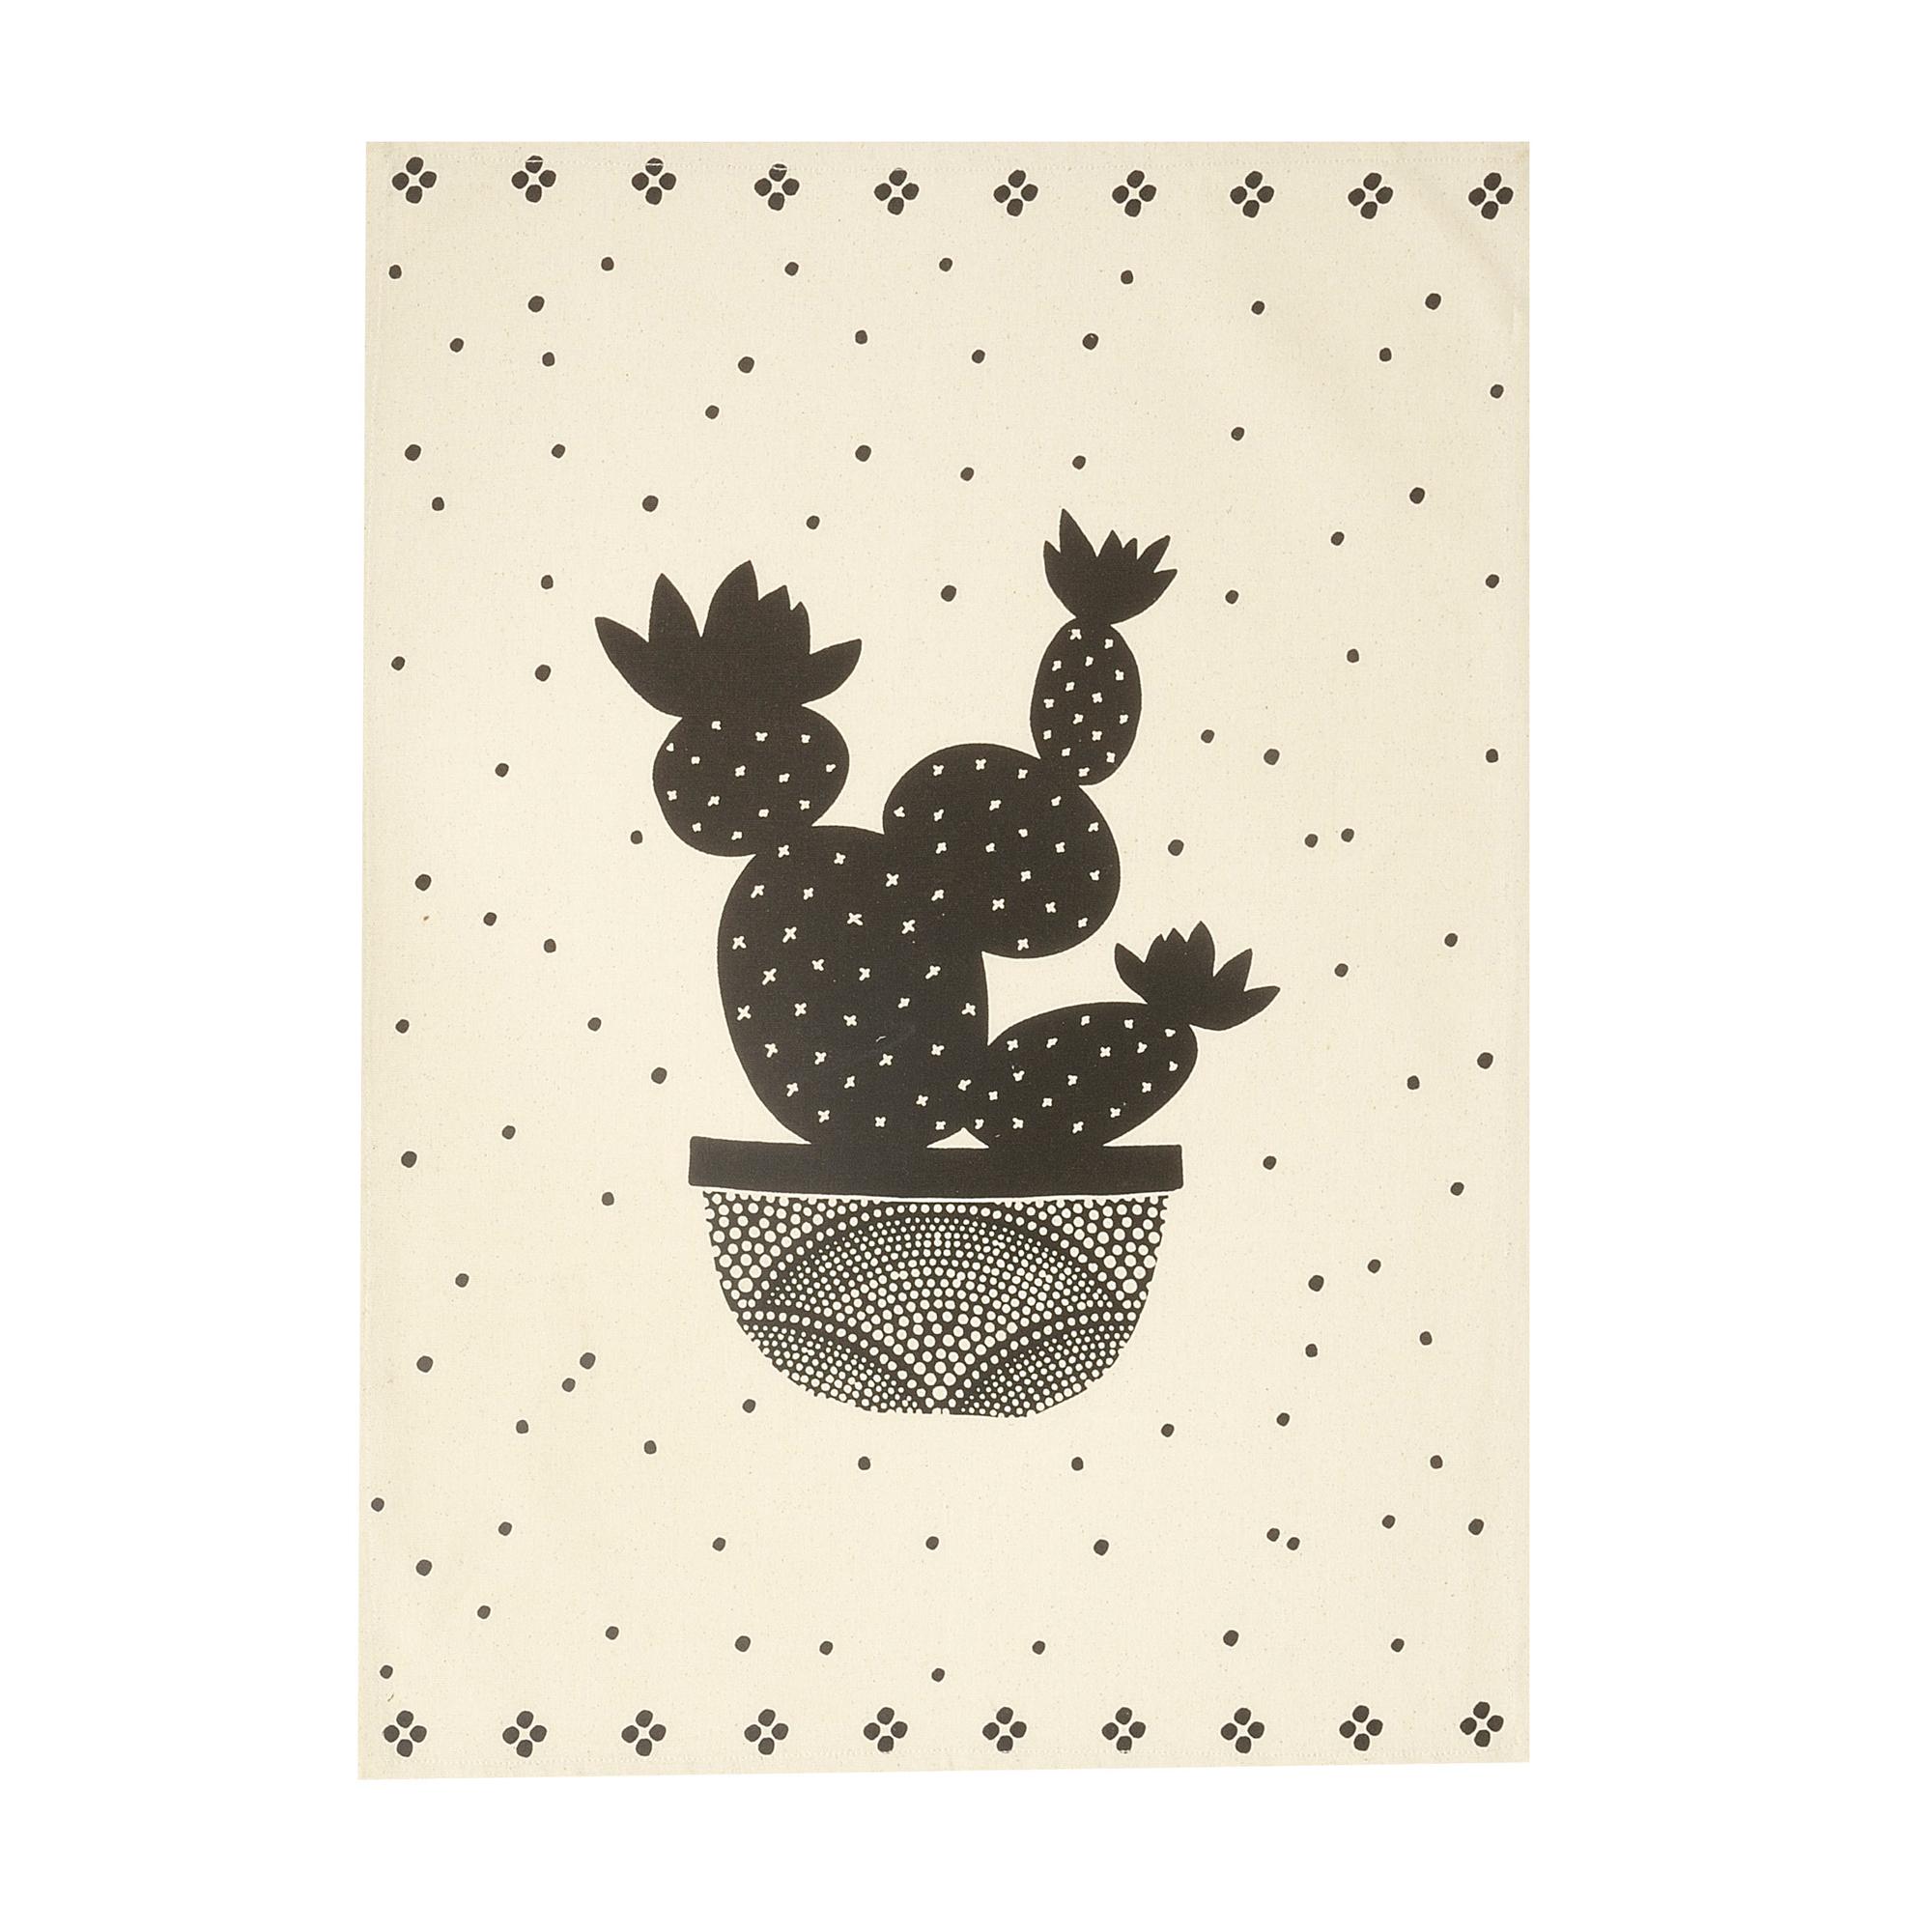 Torchon-Cactus-01